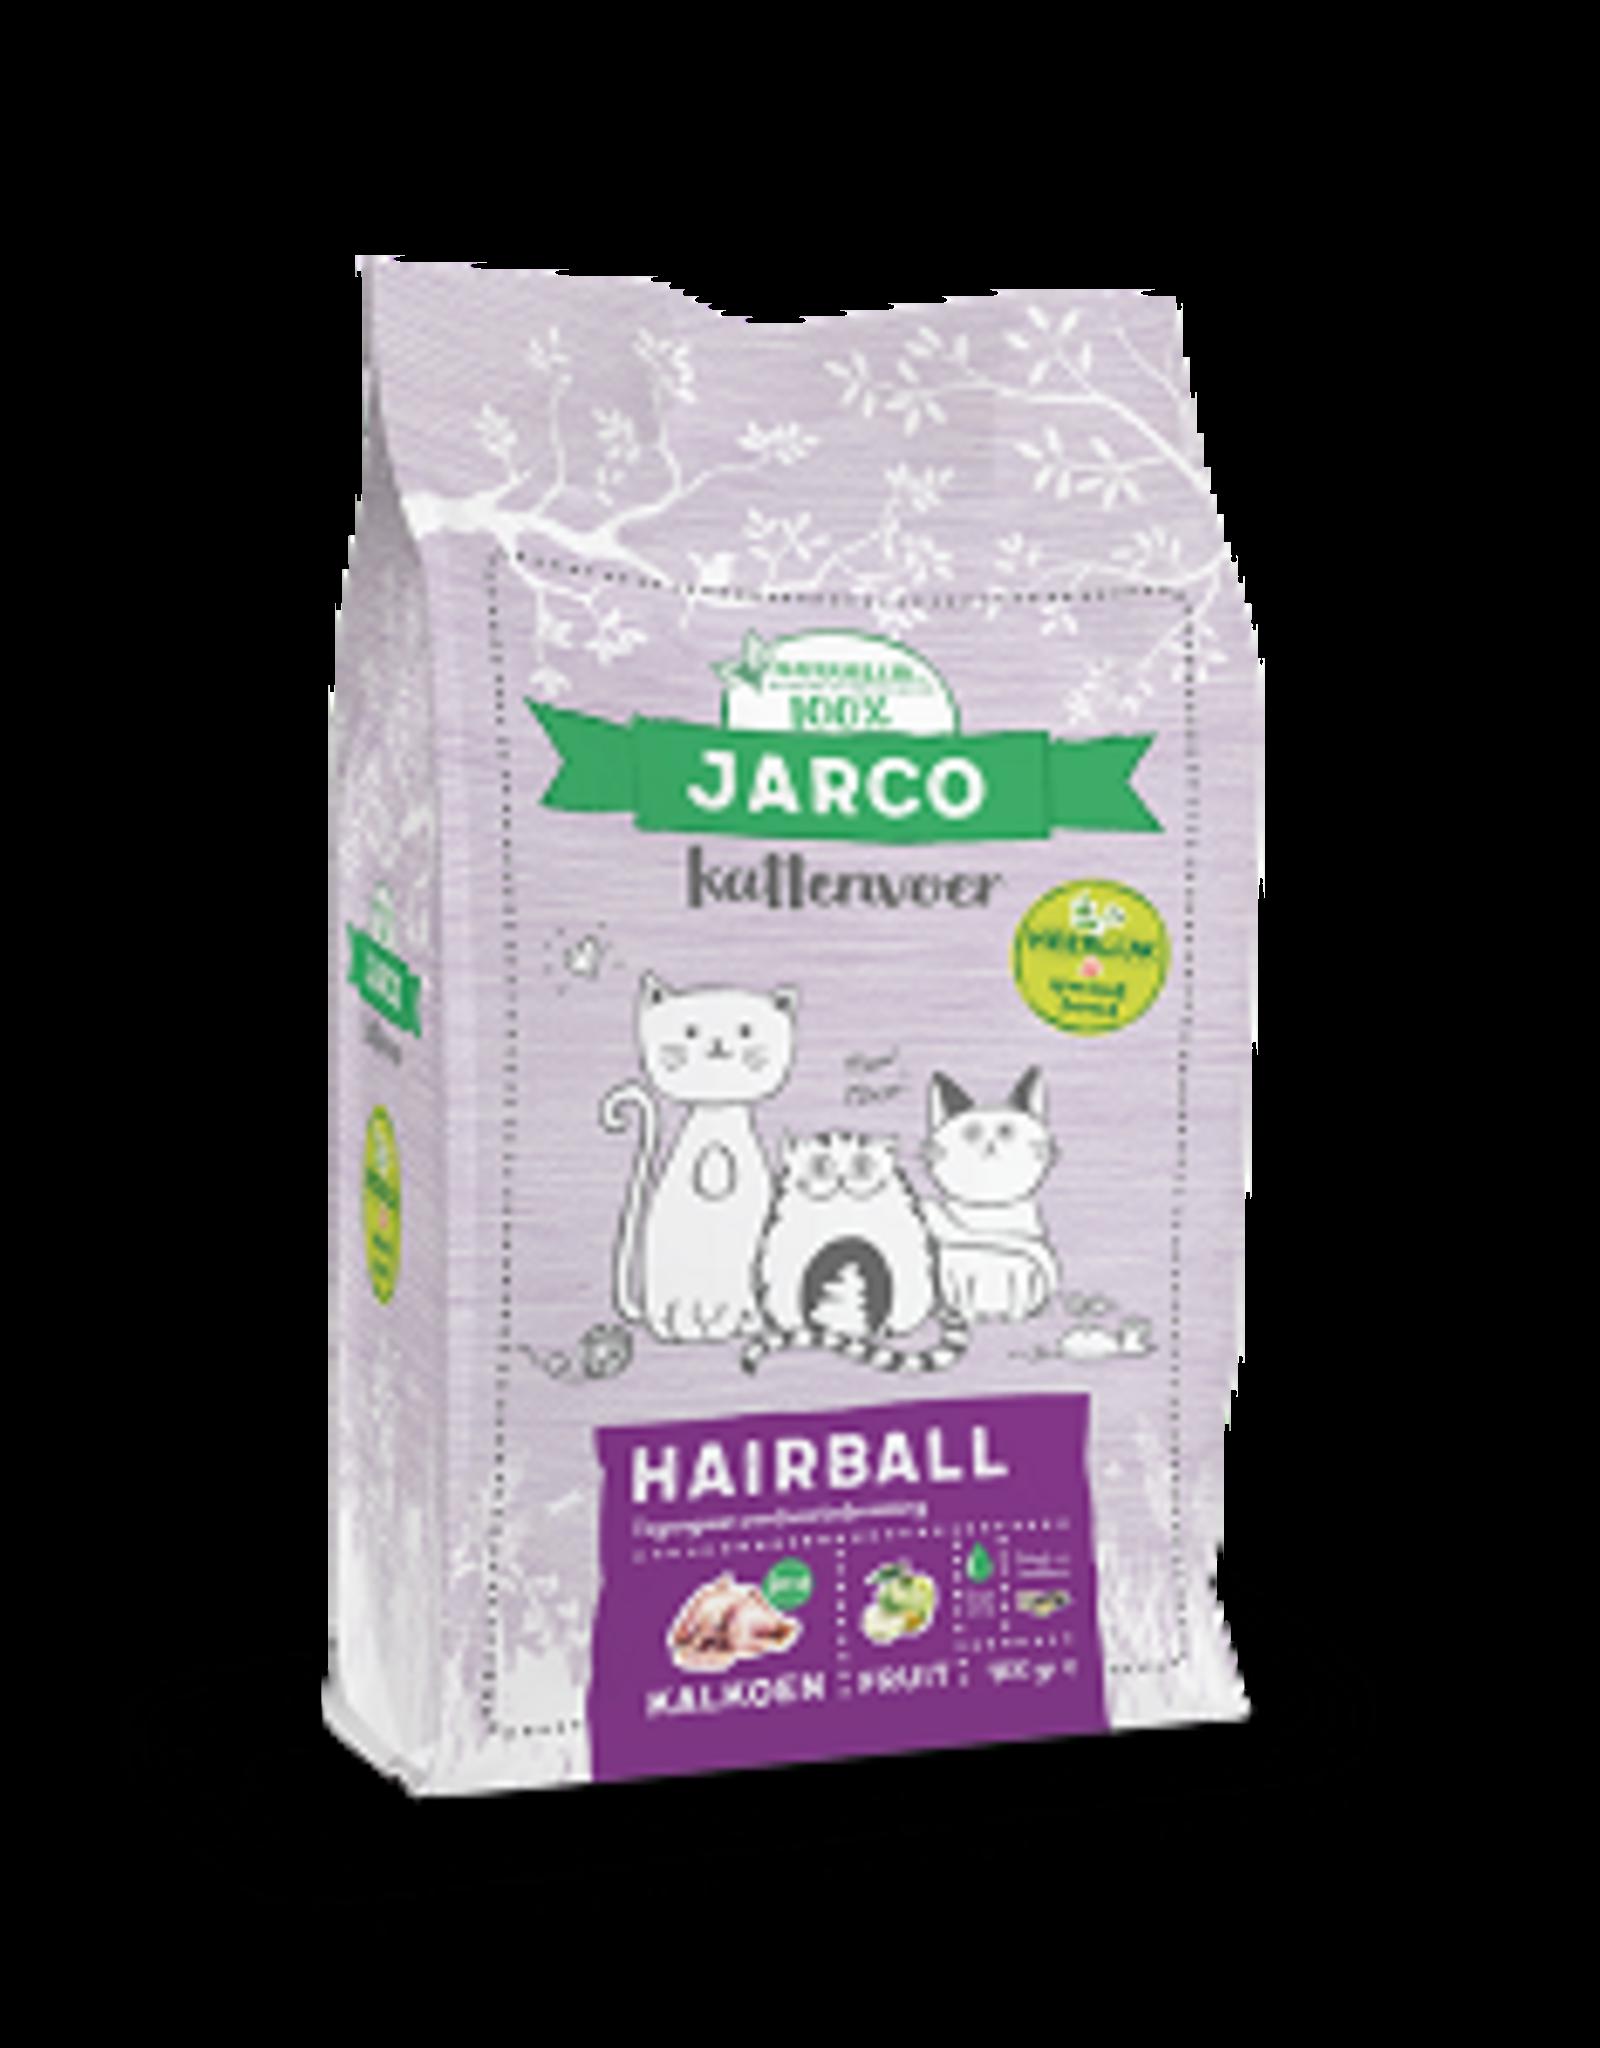 Jarco Premium Kat Hairball 400Gr